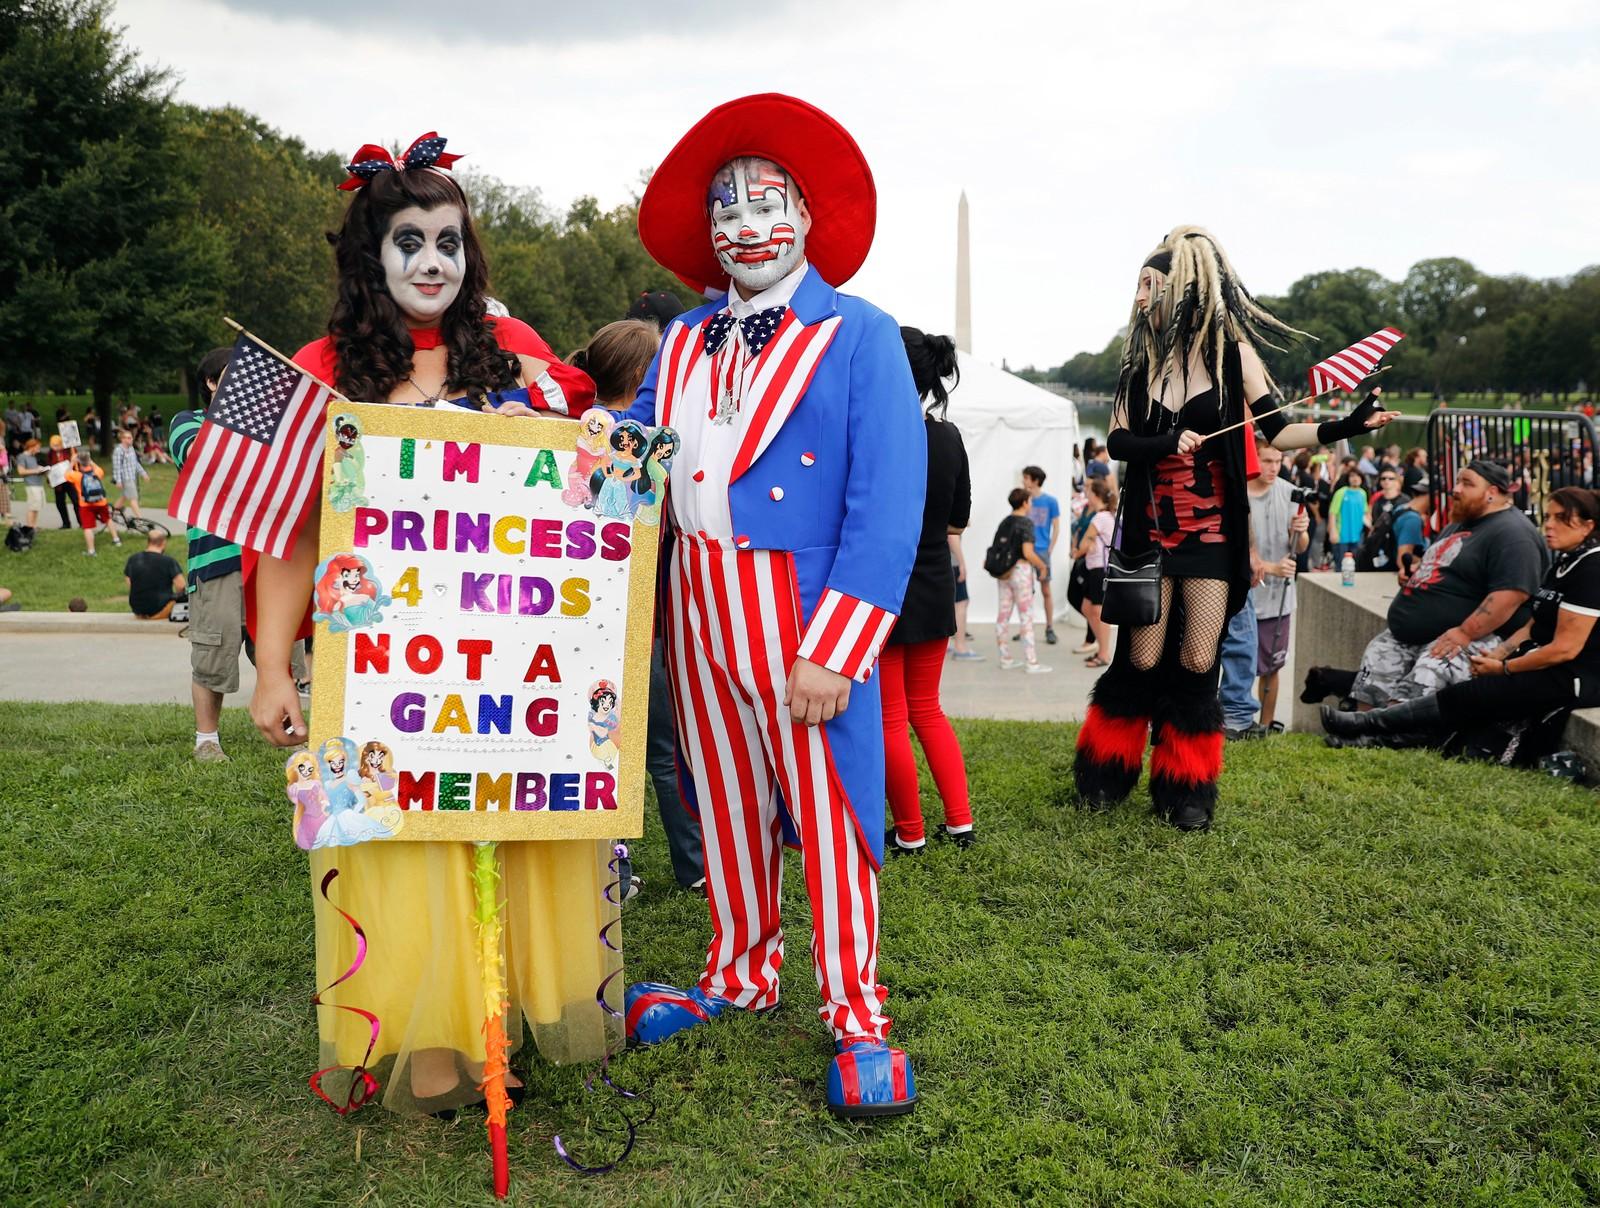 De kaller seg juggalos, og er ikke en amerikansk versjon av Klovner i kamp, men en slags bevegelse som har sitt utspring i bandet Insane Clown Posse. Forrige helg demonstrerte de i Washington D.C. mot at myndighetene klassifiserer dem som en kriminell gjeng, som de mener de ikke er. Theresa Lindsey og Timothy Schlarmann var to av over tusen deltagere.